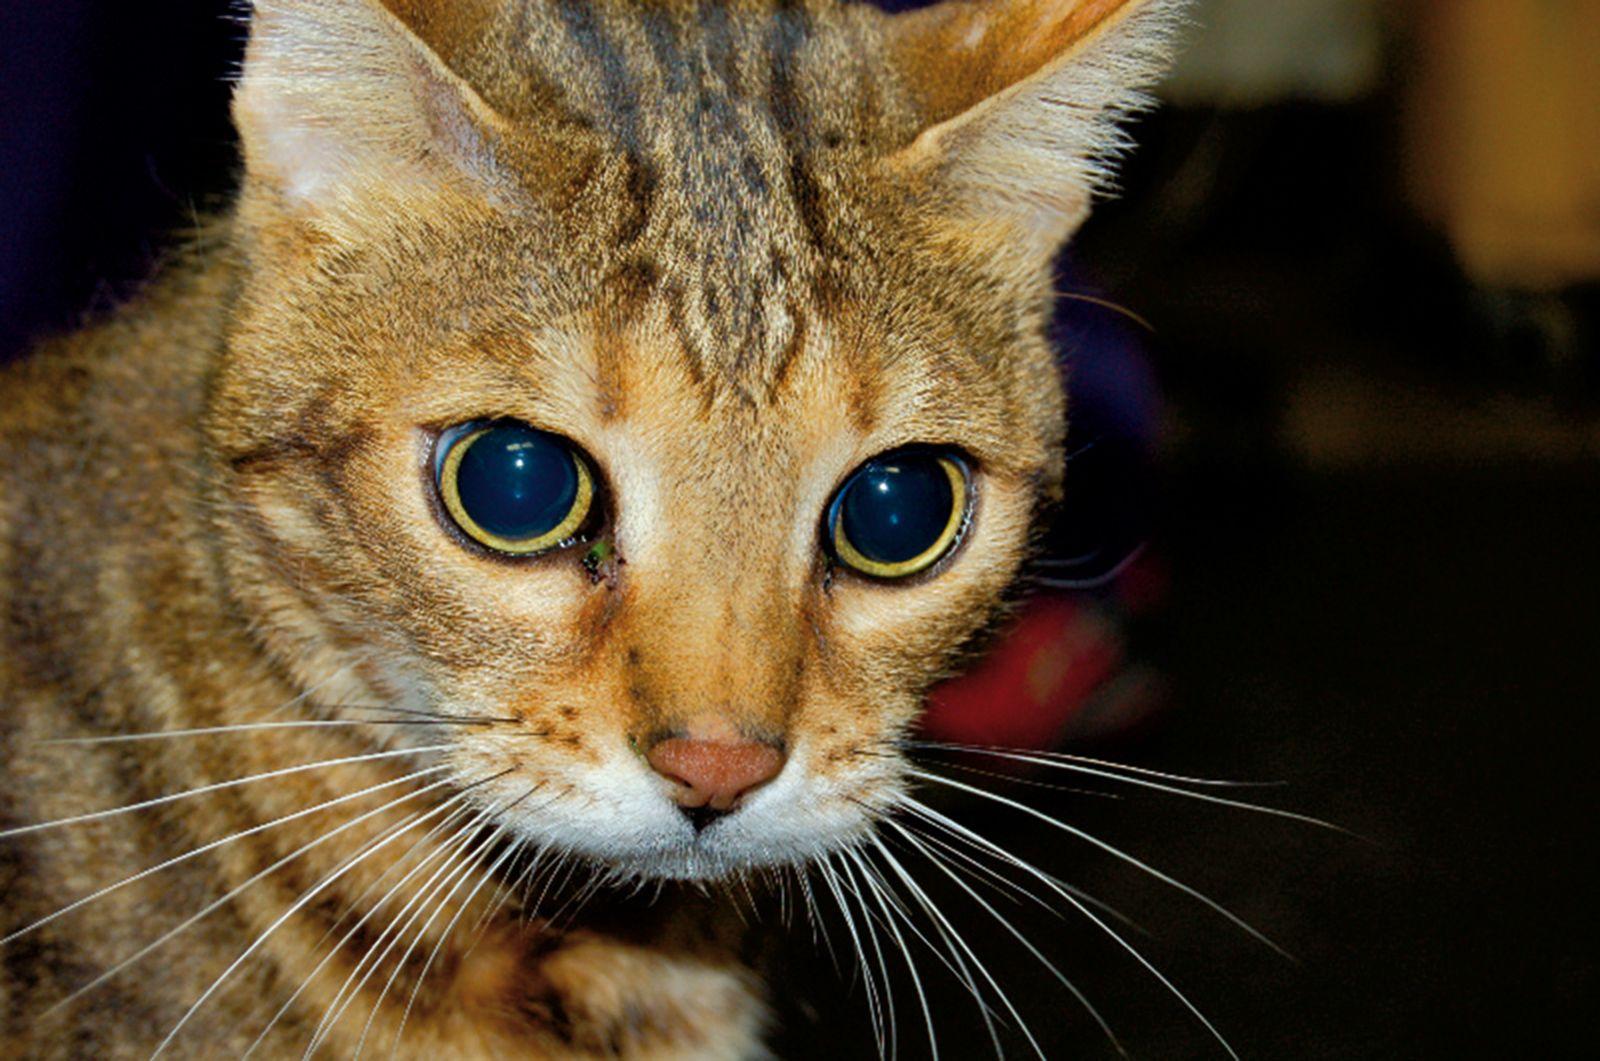 Midriasi bilaterale in un gatto. Questa può suggerire una patologia cerebrale grave secondaria al trauma cranico ma in questa circostanza era dovuta a un danno retinico bilaterale post-traumatico, sospettato perché il gatto aveva un livello normale di coscienza.